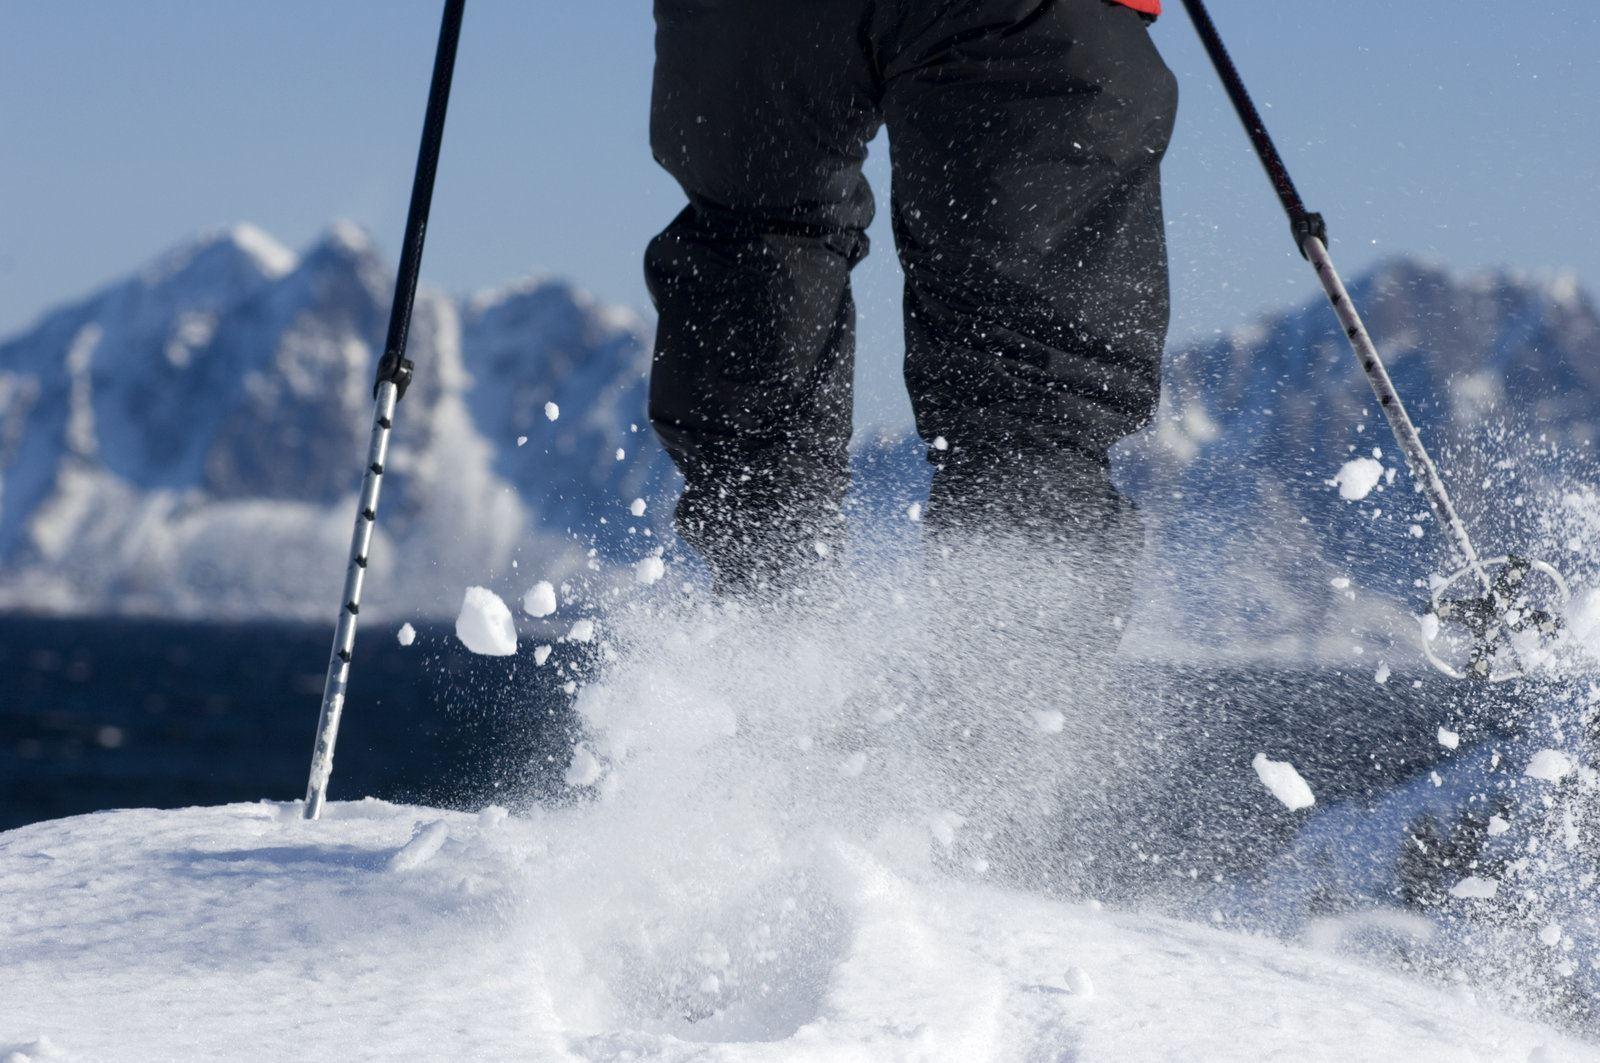 © Terje Rakke www.nordnorge.com, Snowshoe hike in the Lyngen Alps - XLyngen